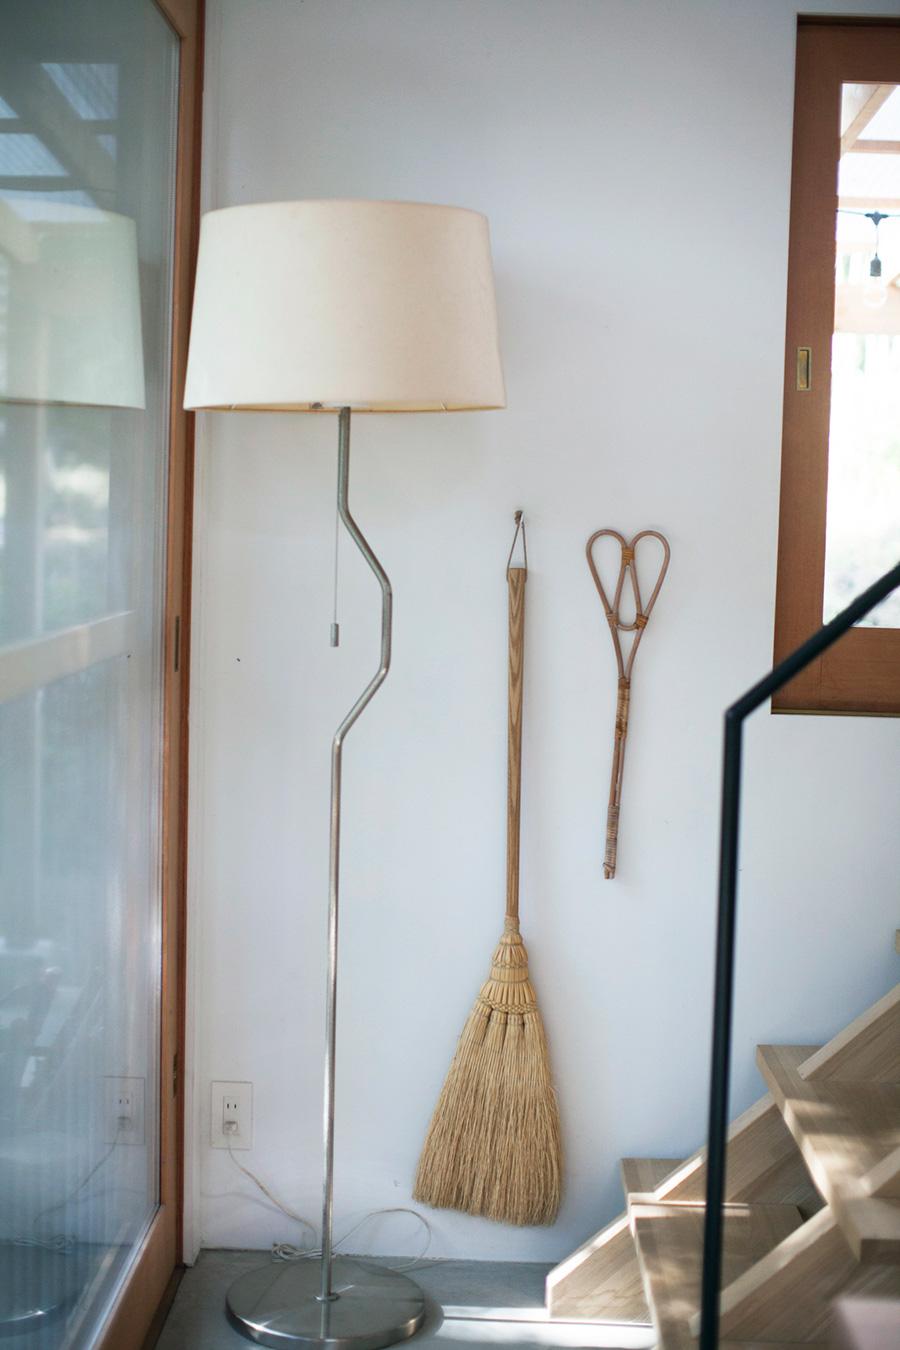 お掃除道具を壁に吊るして。米澤ほうき工房が手作りする、約150年の歴史を持つ松本箒は、なんと材料のホウキモロコシから生産。